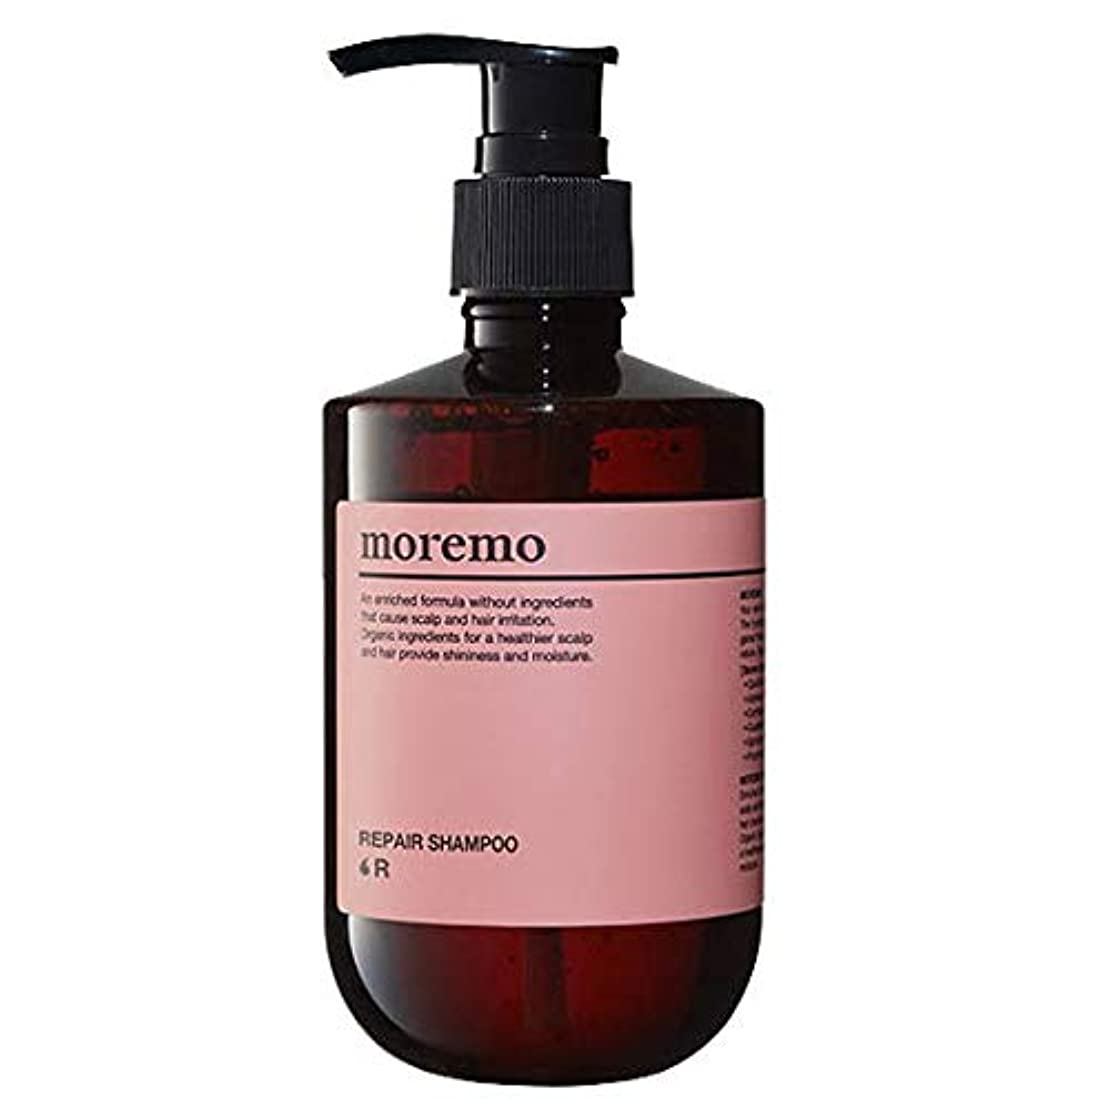 狂気なぜなら伝統的Moremo Repair Shampoo モレモ リペア シャンプー R 300ml [並行輸入品]